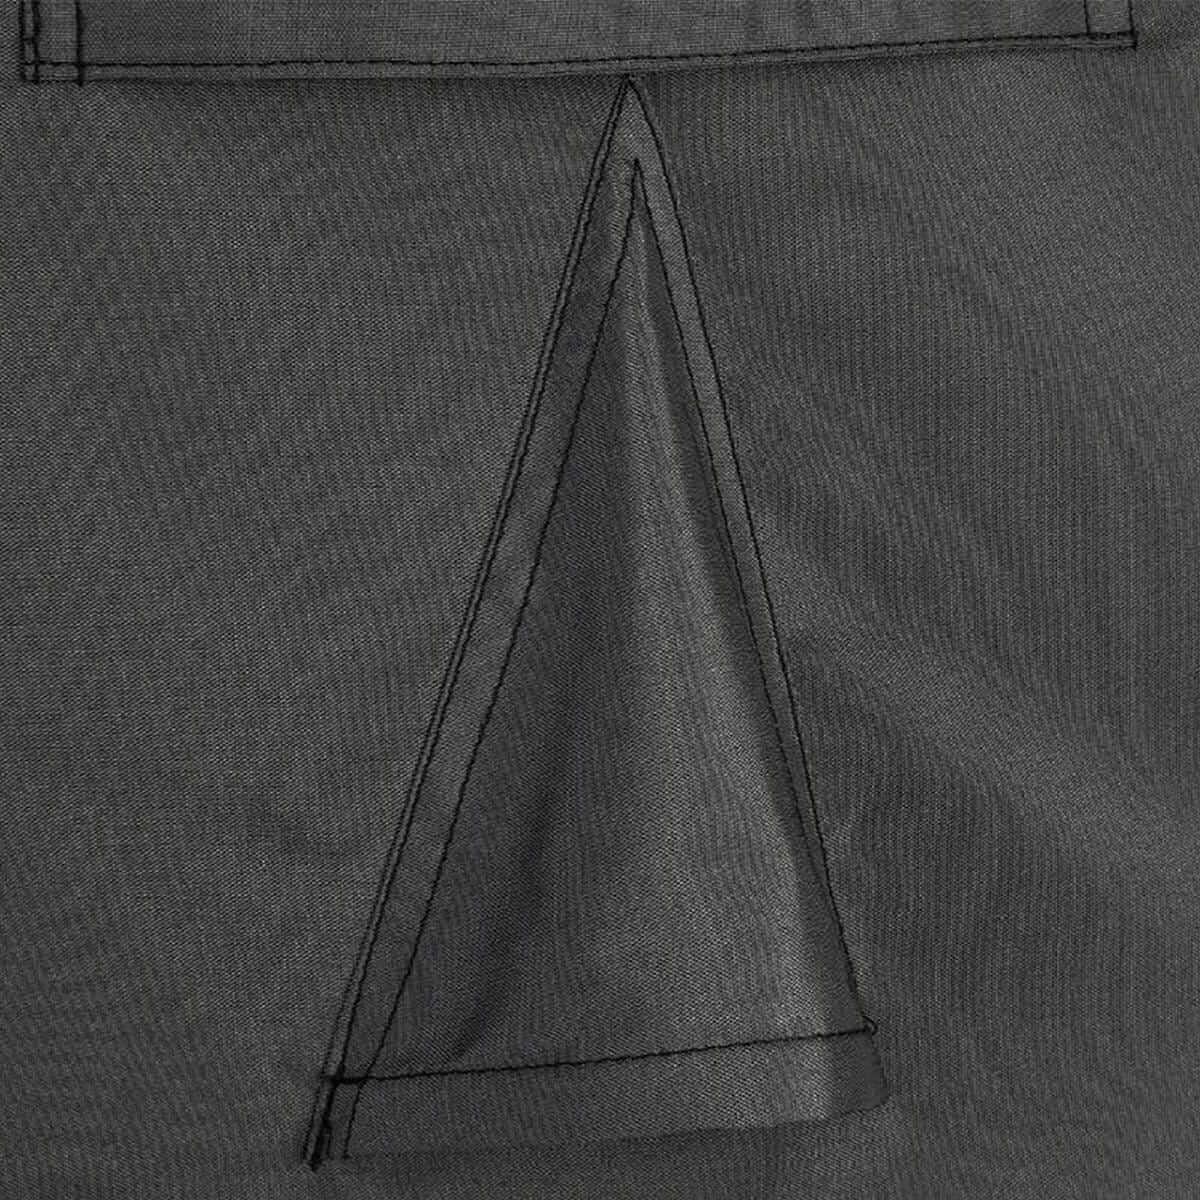 כיסוי לספה זוגית 160x115 - תמונה 5